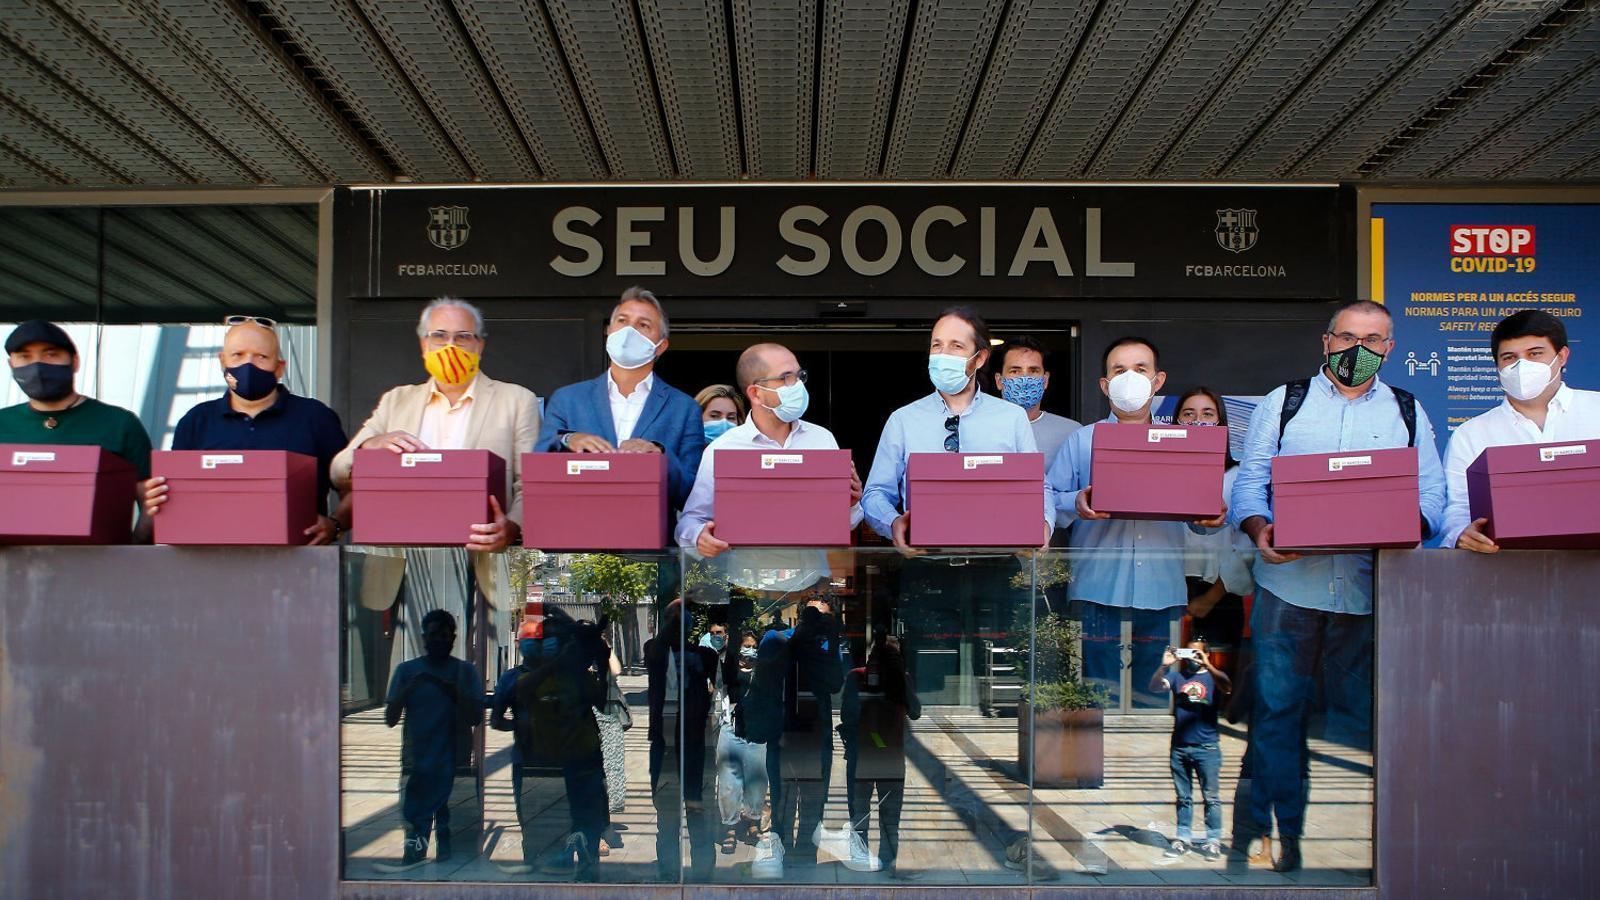 Els responsables de la moció de censura el 31 d'agost. Ahir van denunciar un atac informàtic a la seva web.